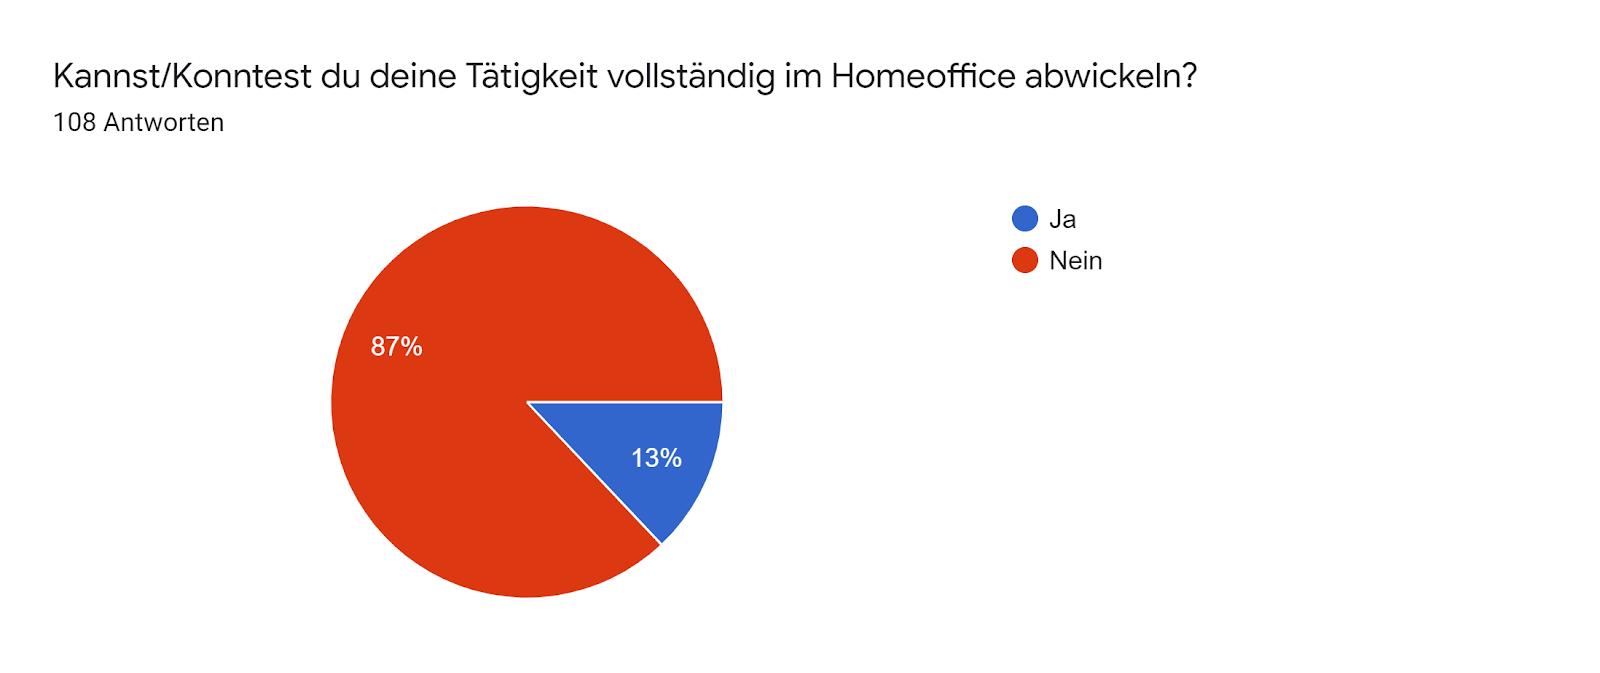 Google Formulare-Antwortdiagramm. Titel der Frage: Kannst/Konntest du deine Tätigkeit vollständig im Homeoffice abwickeln? . Anzahl der Antworten: 108 Antworten.